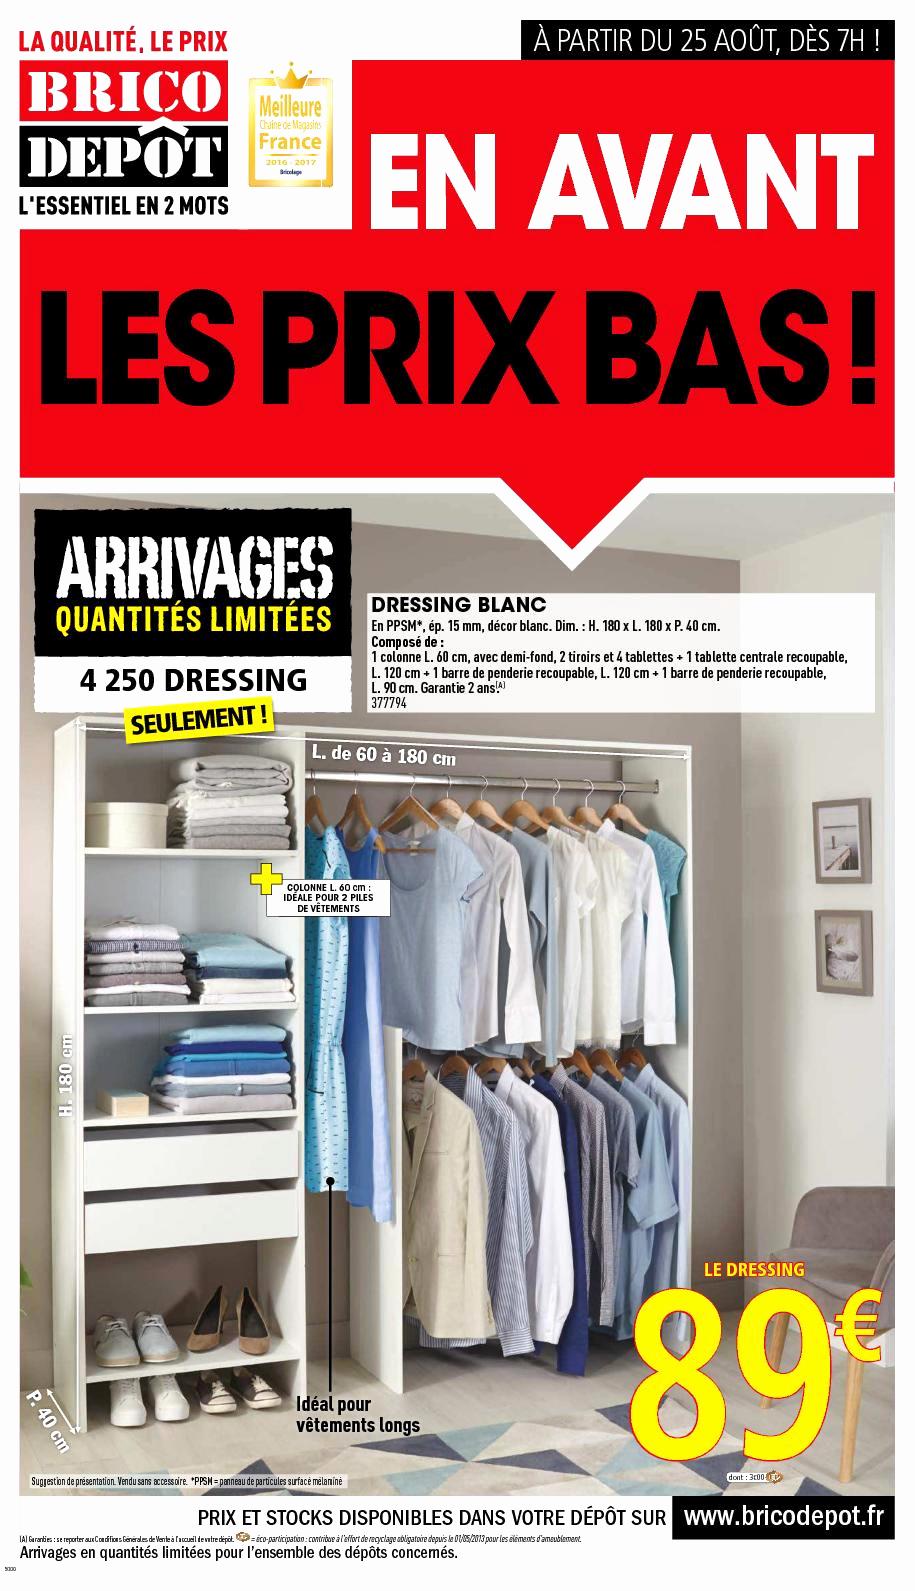 Barre De Penderie Brico Depot Nouveau Galerie 27 Beau Graphie De Bac A Douche Brico Depot Intérieur De